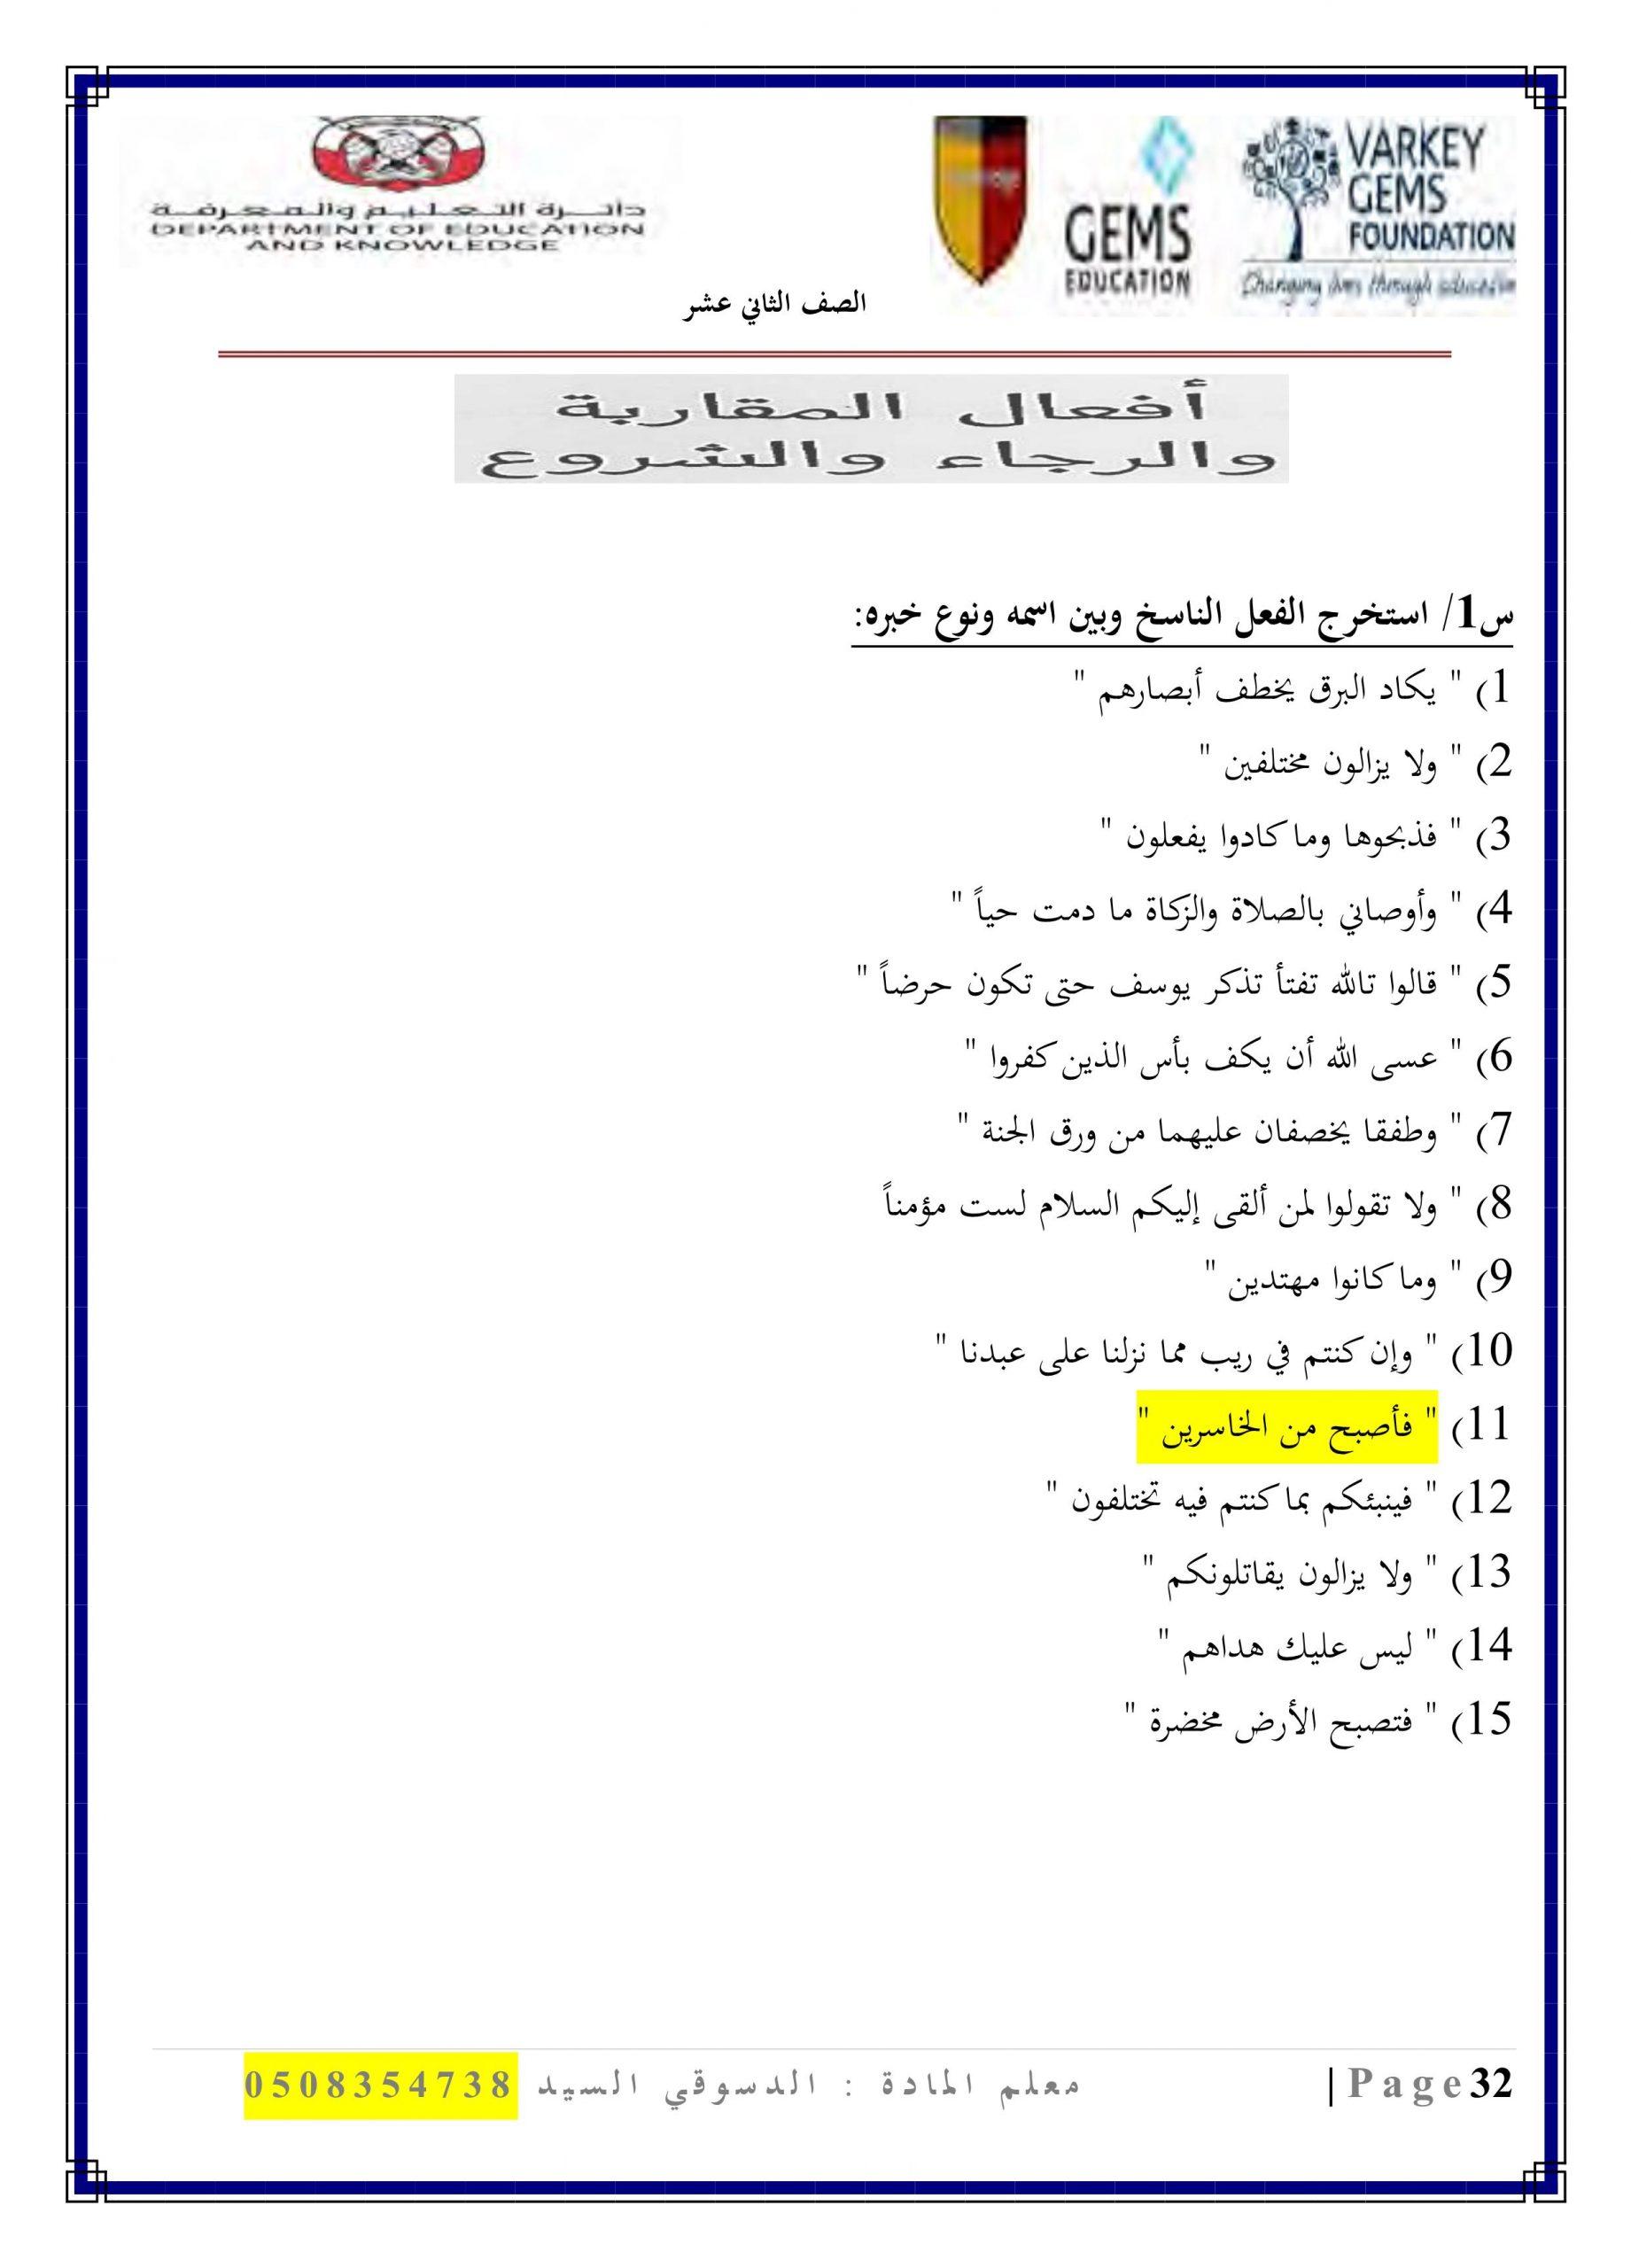 ورقة عمل افعال المقارنة والرجاء والشروع الصف الثاني عشر مادة اللغة العربية